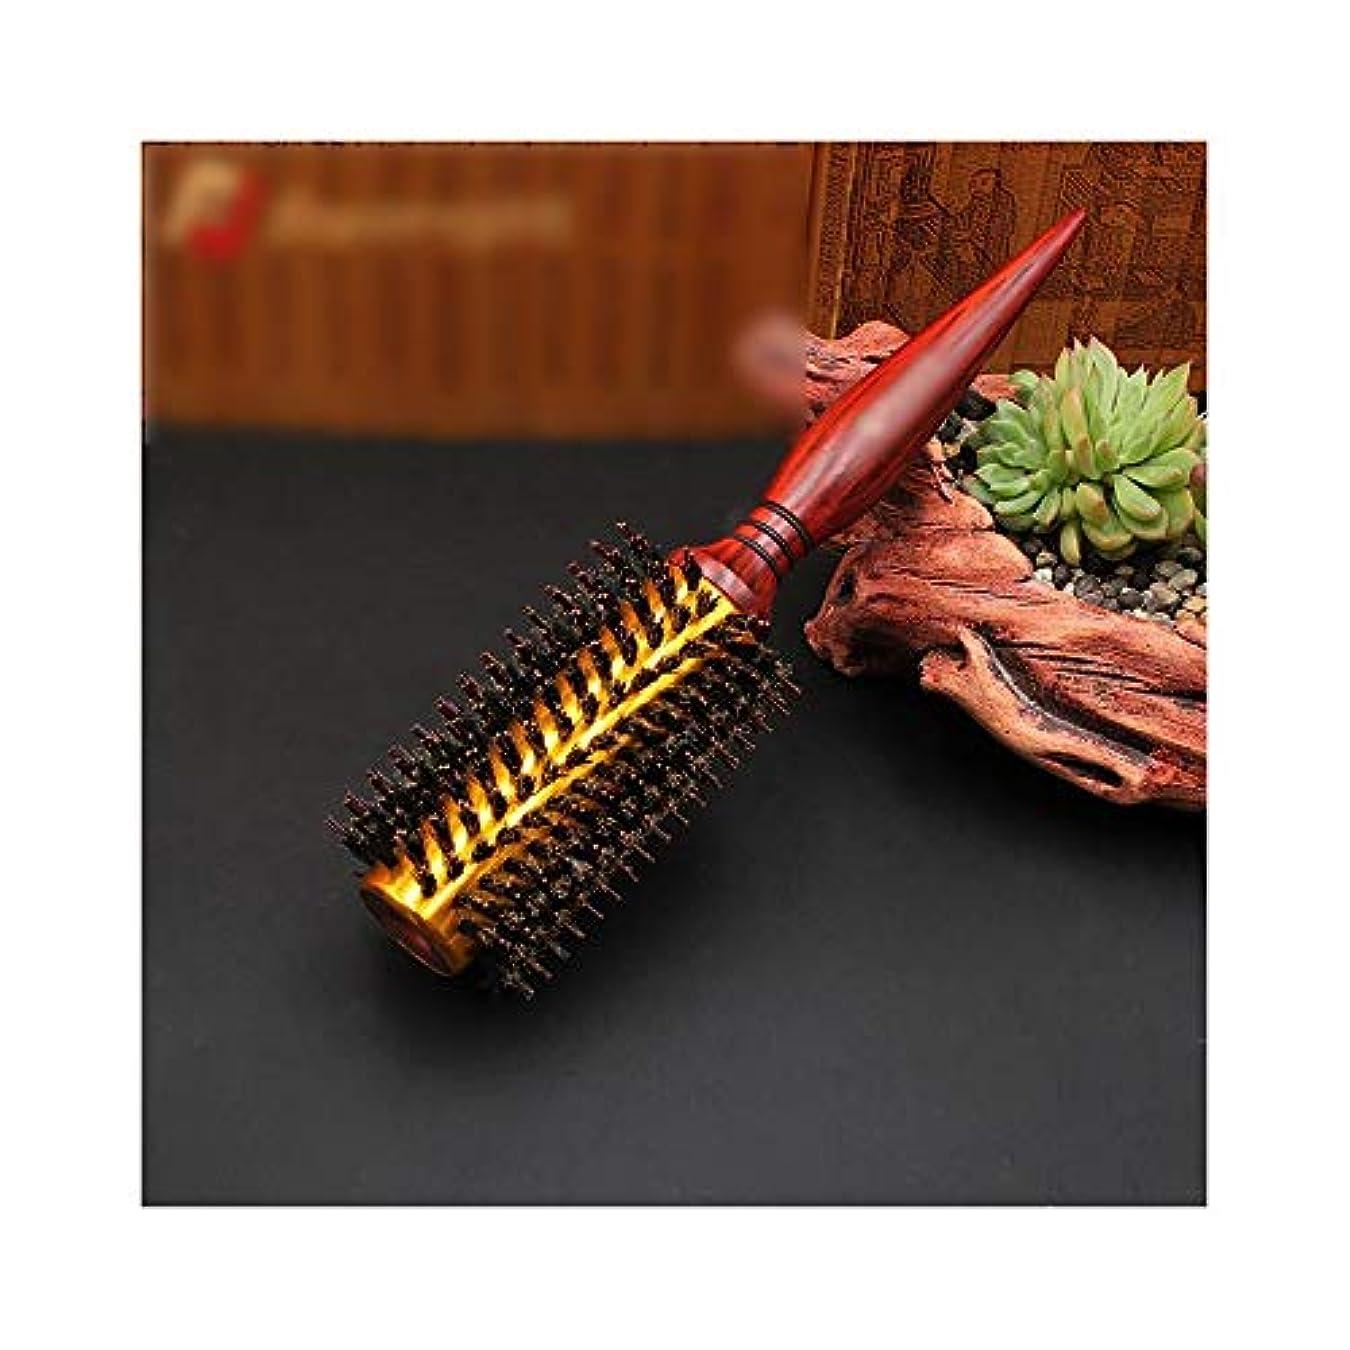 ロードされた布車両Fashian毛ラウンドスタイリングヘアブラシ - すべてのヘアスタイルのためにロールヘアブラシ ヘアケア (サイズ : 16 rows)